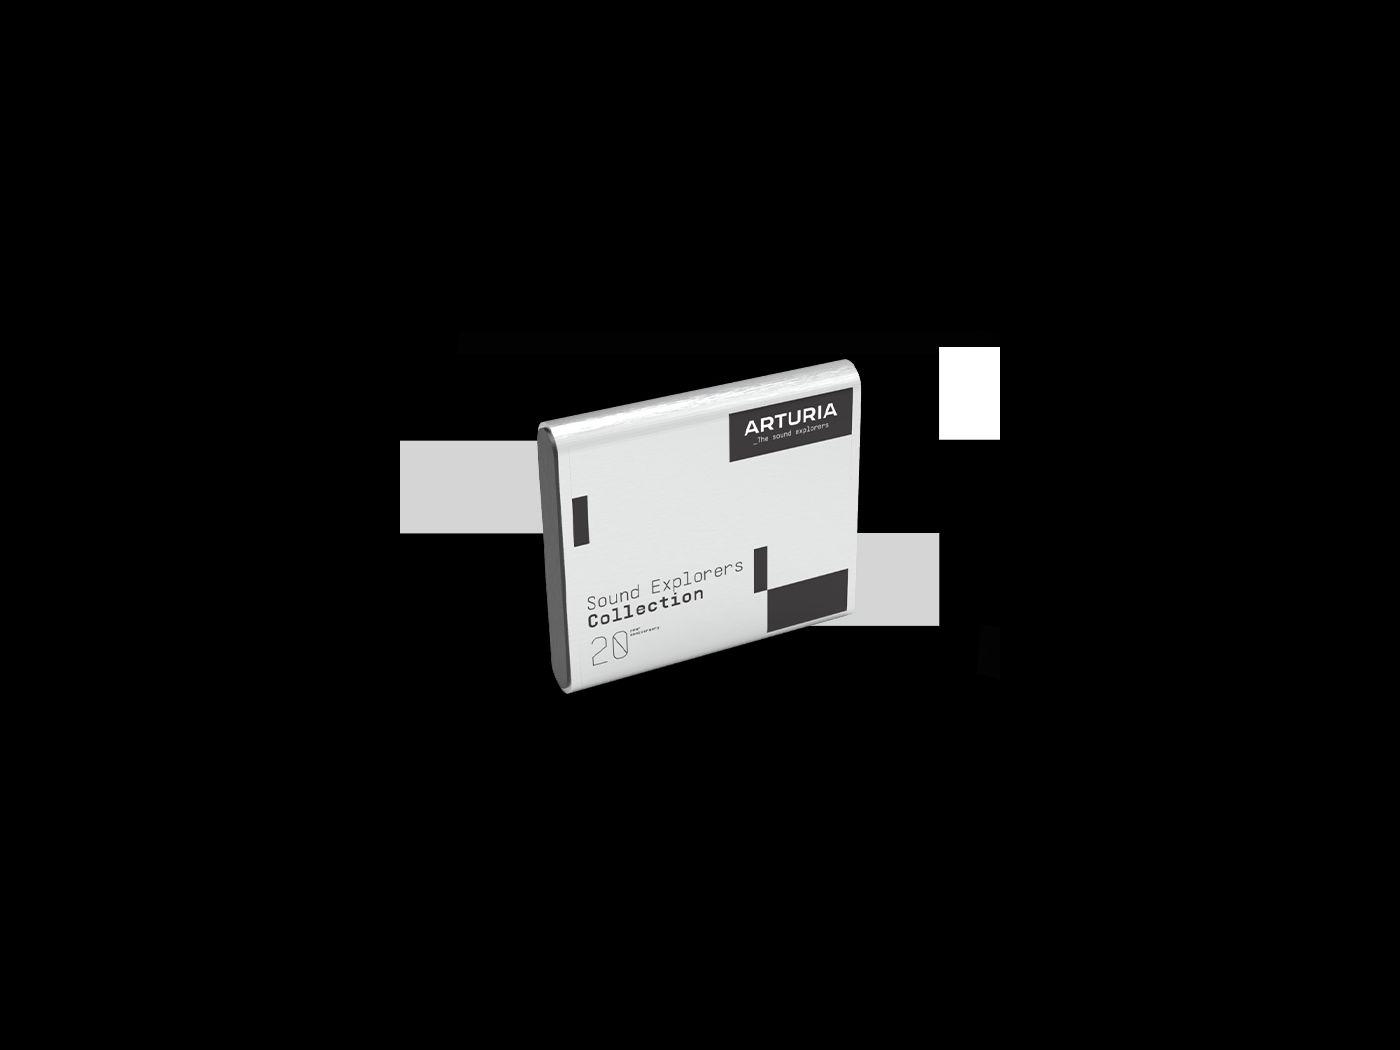 Arturia выпустила лимитированный бокс-сет Sound Explorers Collection нажёстком диске